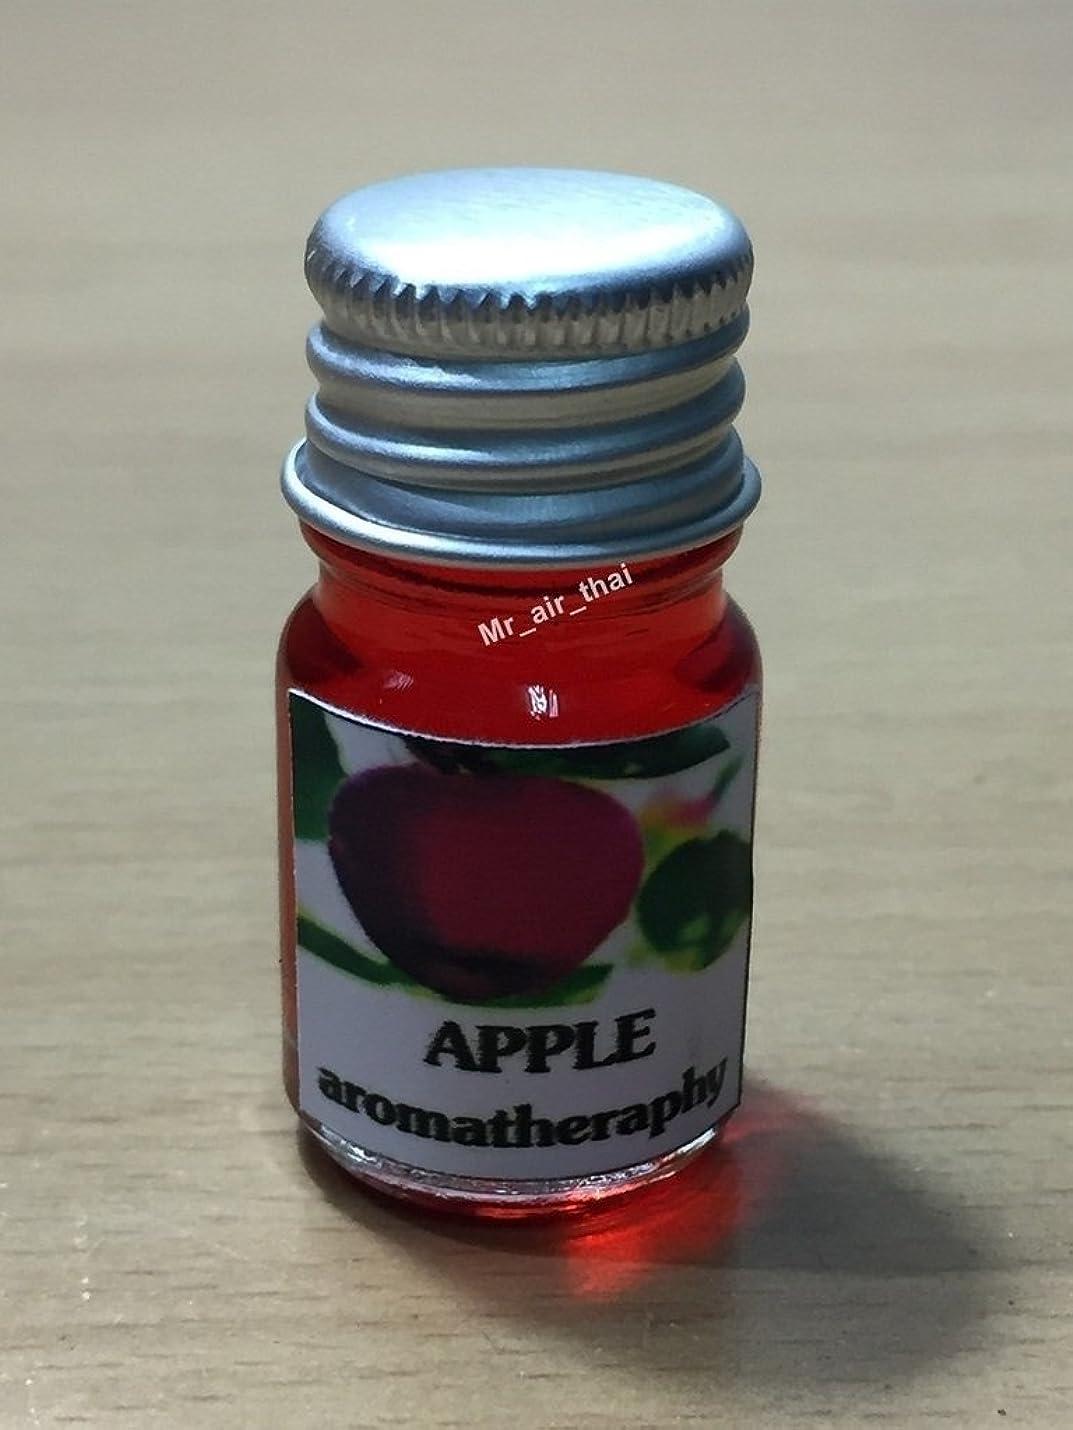 勇敢なクルー霊5ミリリットルアロマアップル(赤)フランクインセンスエッセンシャルオイルボトルアロマテラピーオイル自然自然5ml Aroma Apple (red) Frankincense Essential Oil Bottles Aromatherapy Oils natural nature